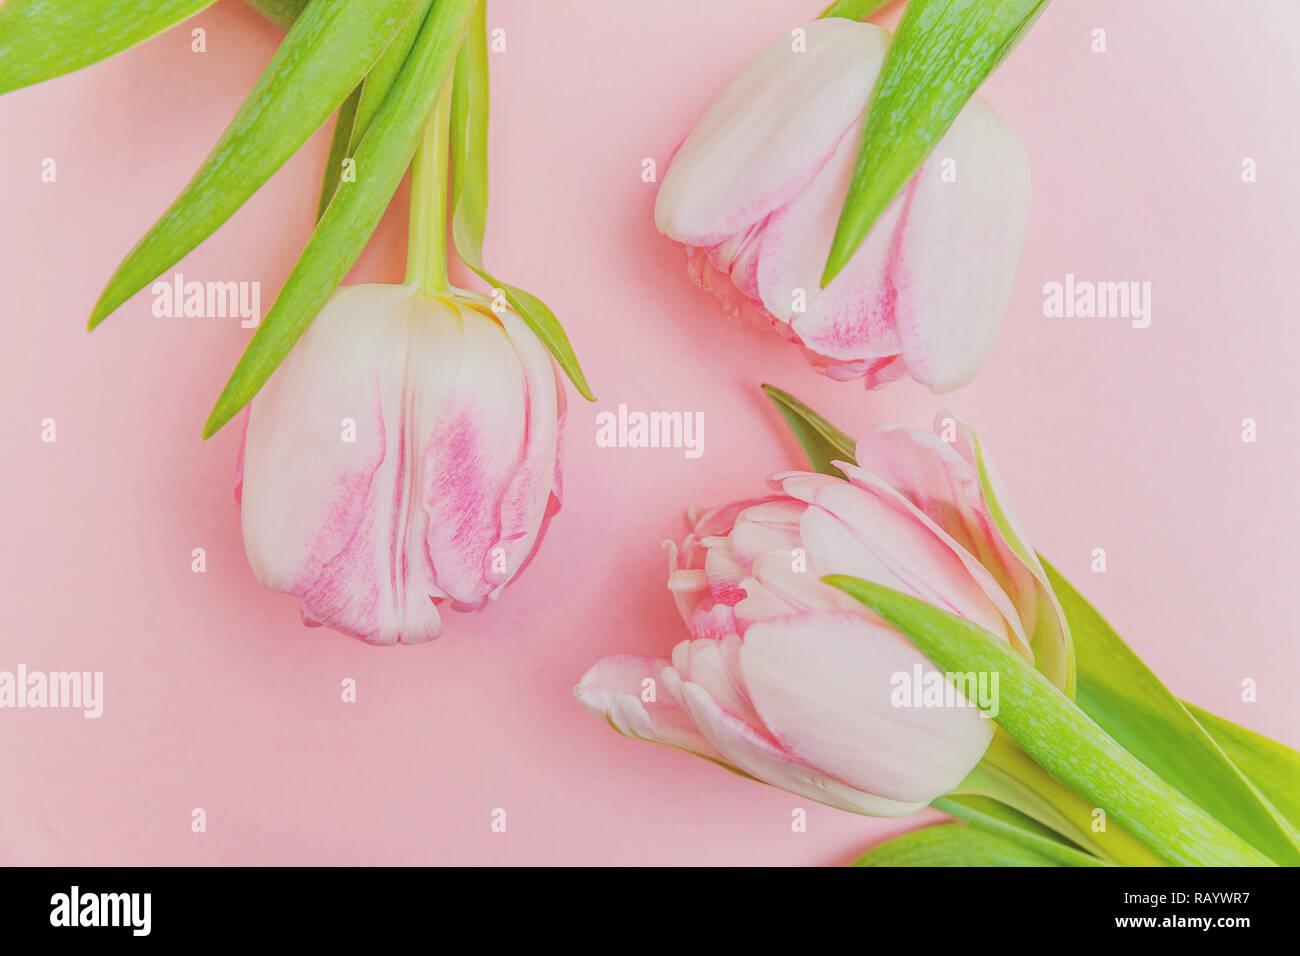 Carte de vœux de printemps. Bouquet de tulipes roses pastel frais fleurs sur fond rose coloré moderne très tendance. Vacances heureuses Pâques Fête des mères jour anniversaire saint-valentin anniversaire concept. Télévision jeter top view copy space Banque D'Images